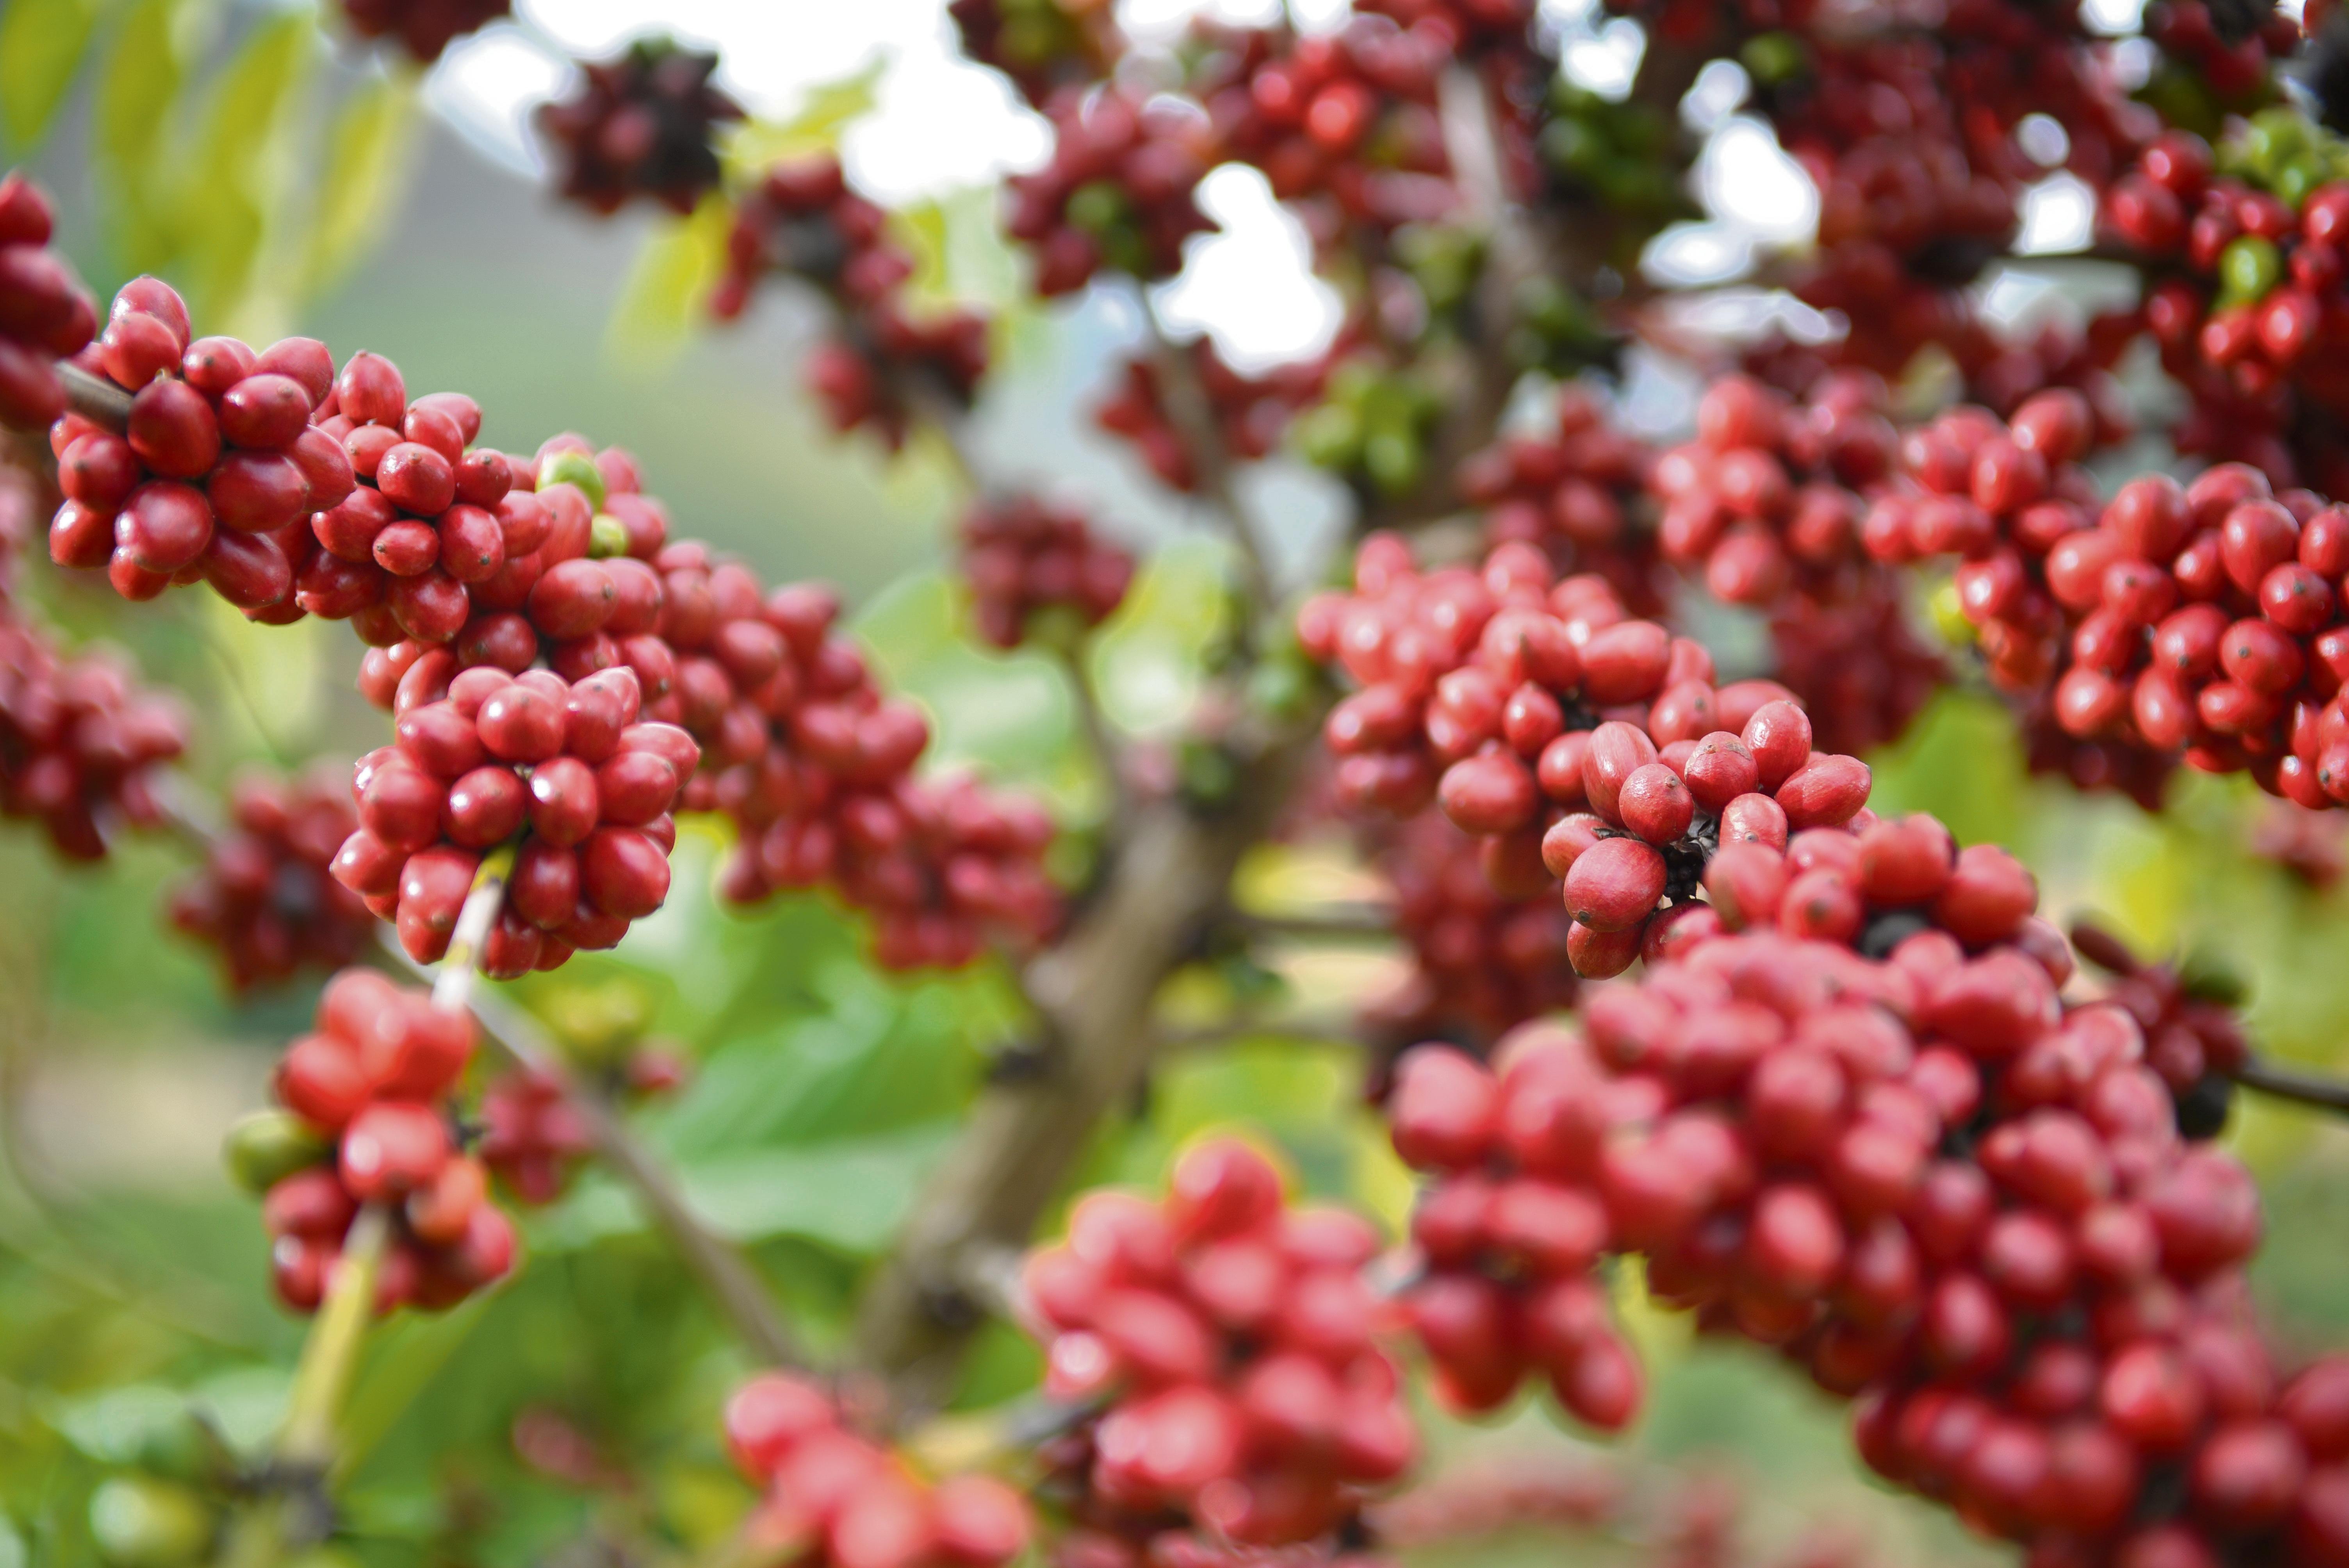 Pé de café com frutos maduros em Santa Leopoldina -24/05/2016